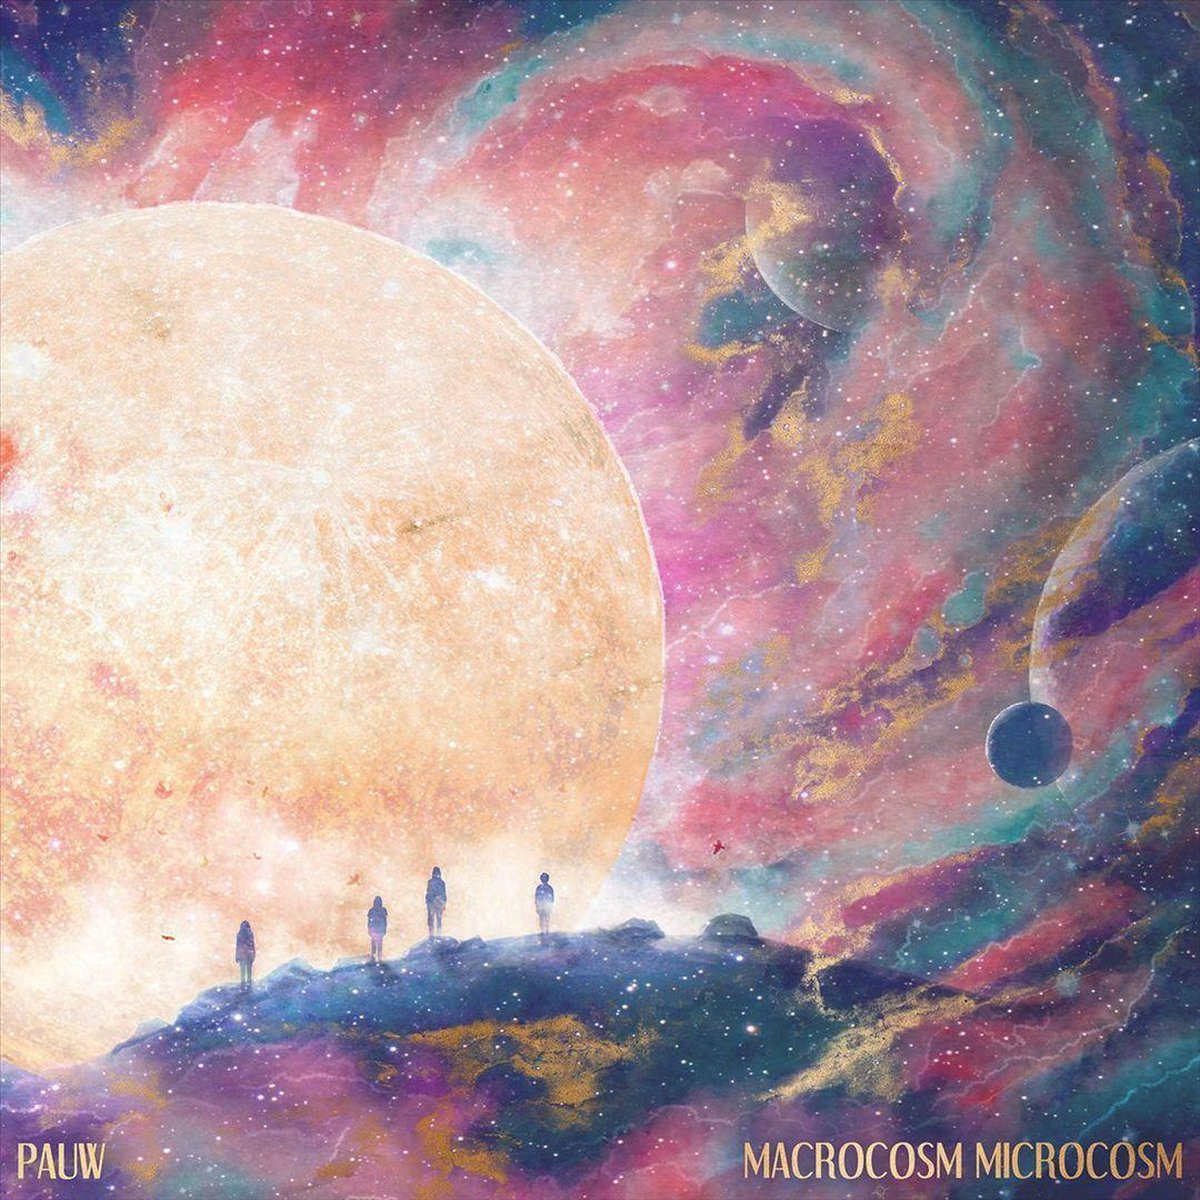 Macrocosm Microcosm (LP) - Pauw